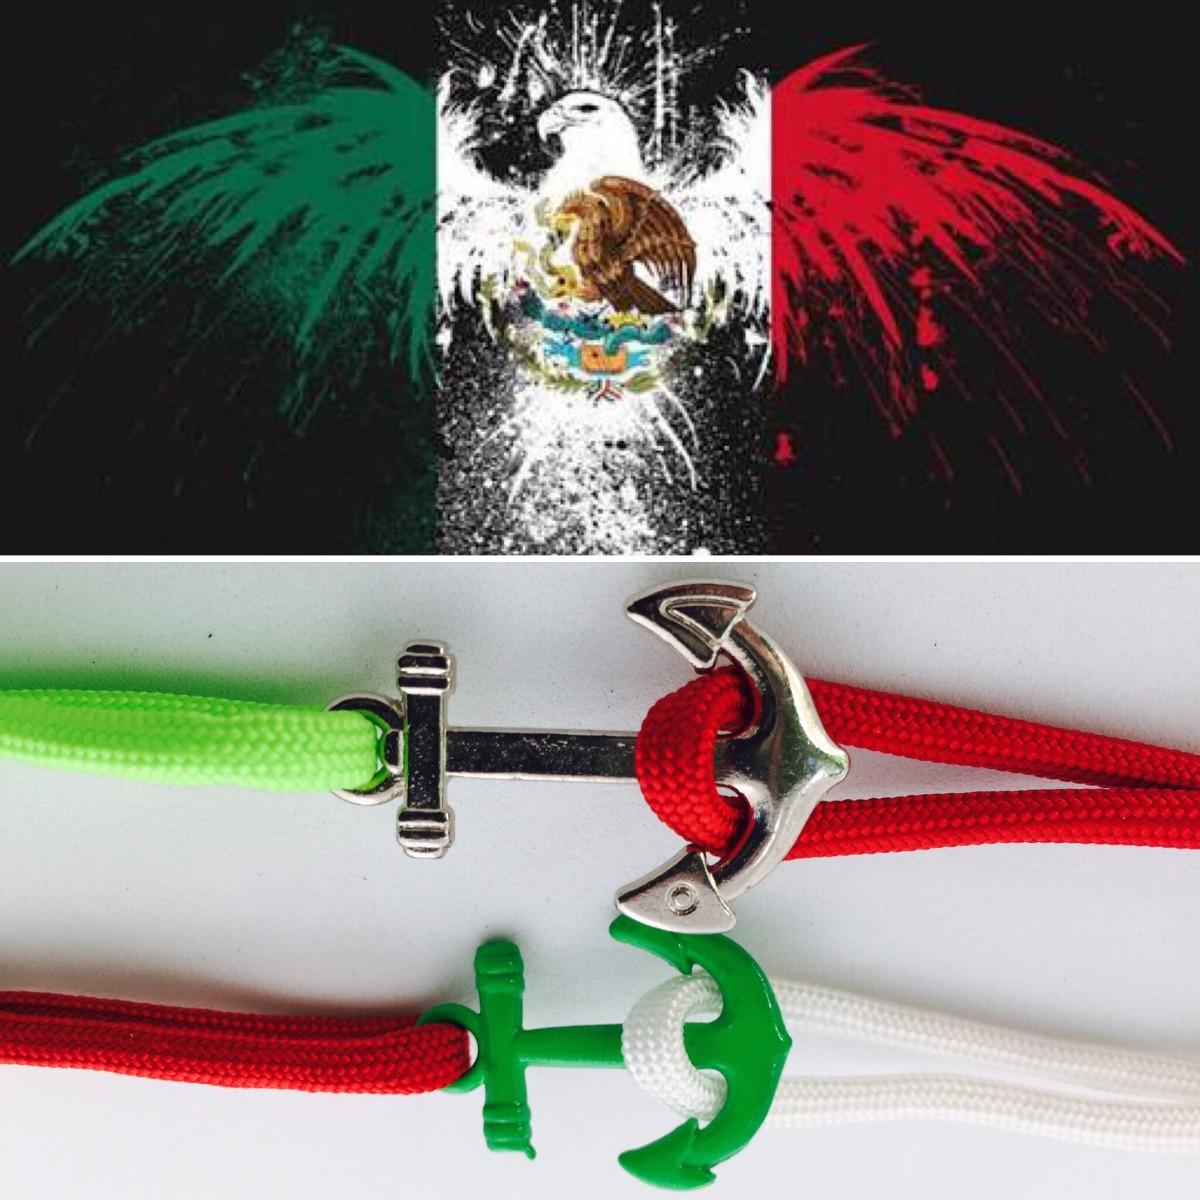 67fbc90f1a9e Pulsera De Paracord Con Ancla Bandera De Mexico -   19.00 en Mercado ...